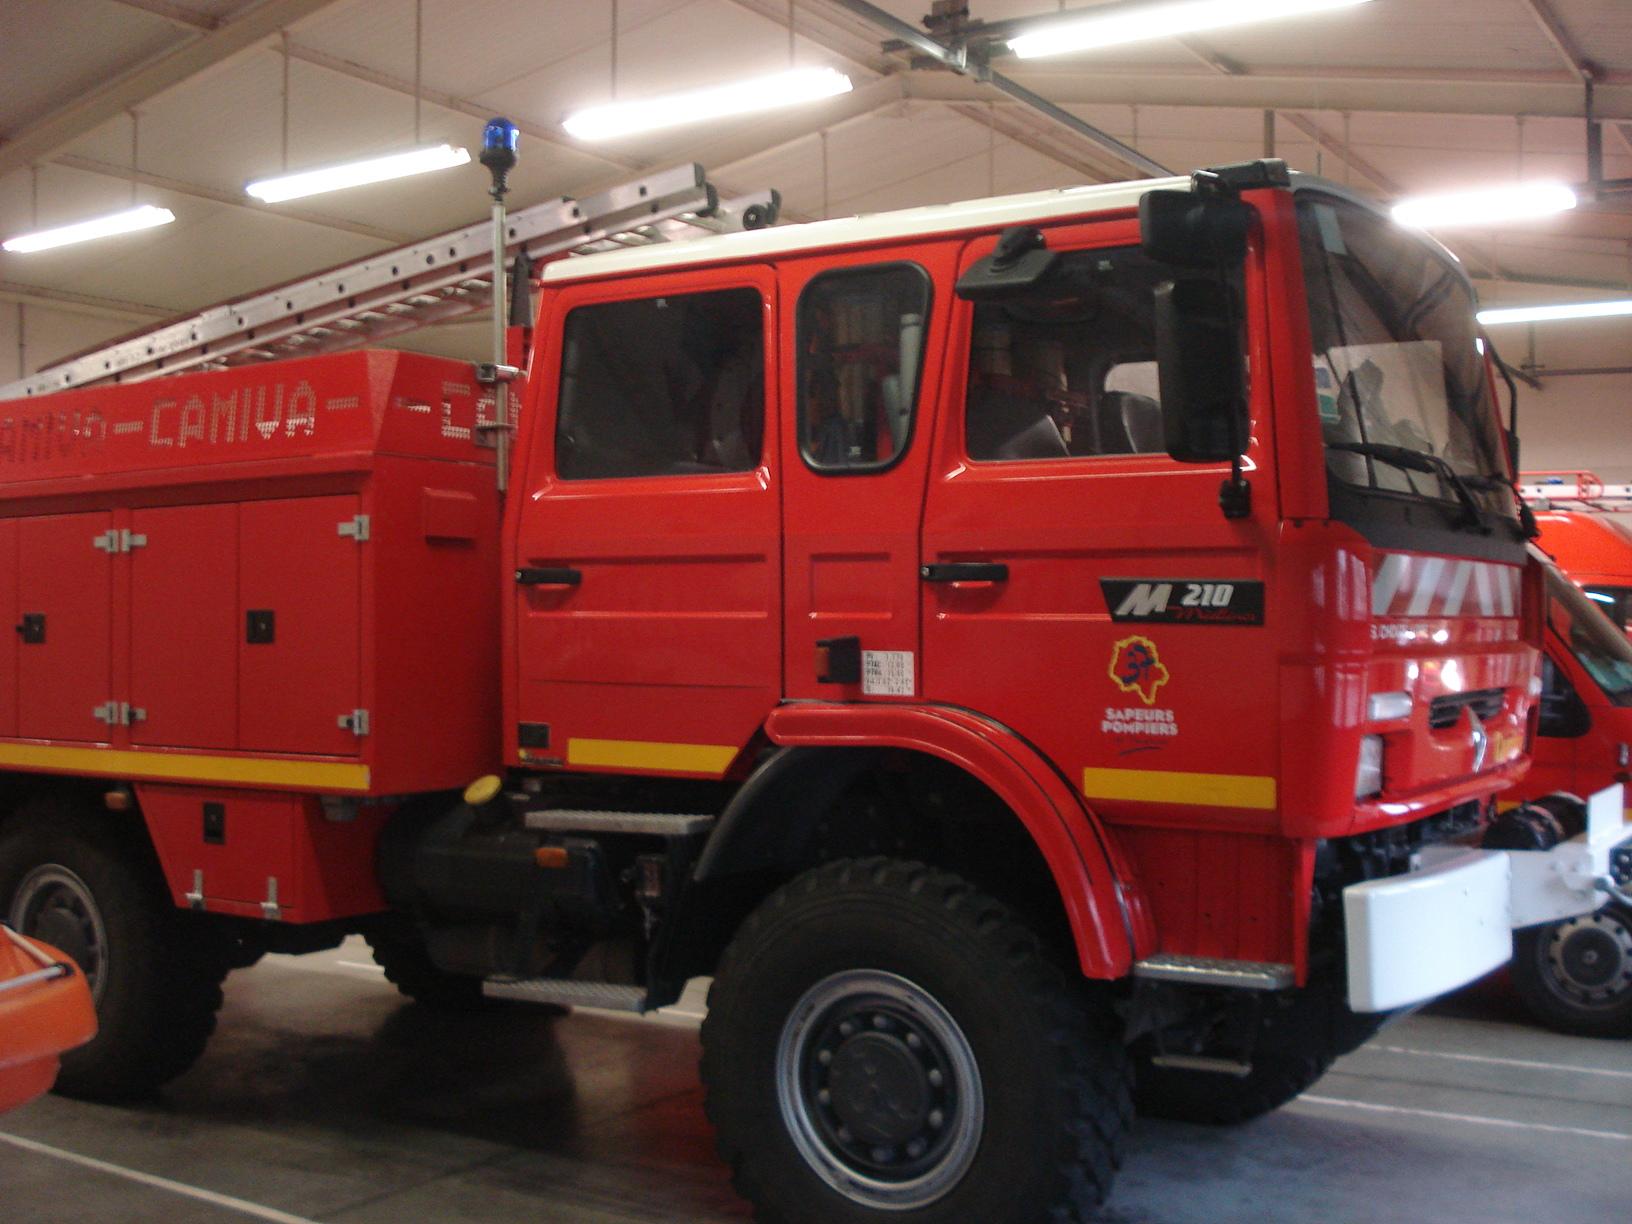 V hicules des pompiers fran ais page 1339 auto titre - Garage mercedes bergerac ...